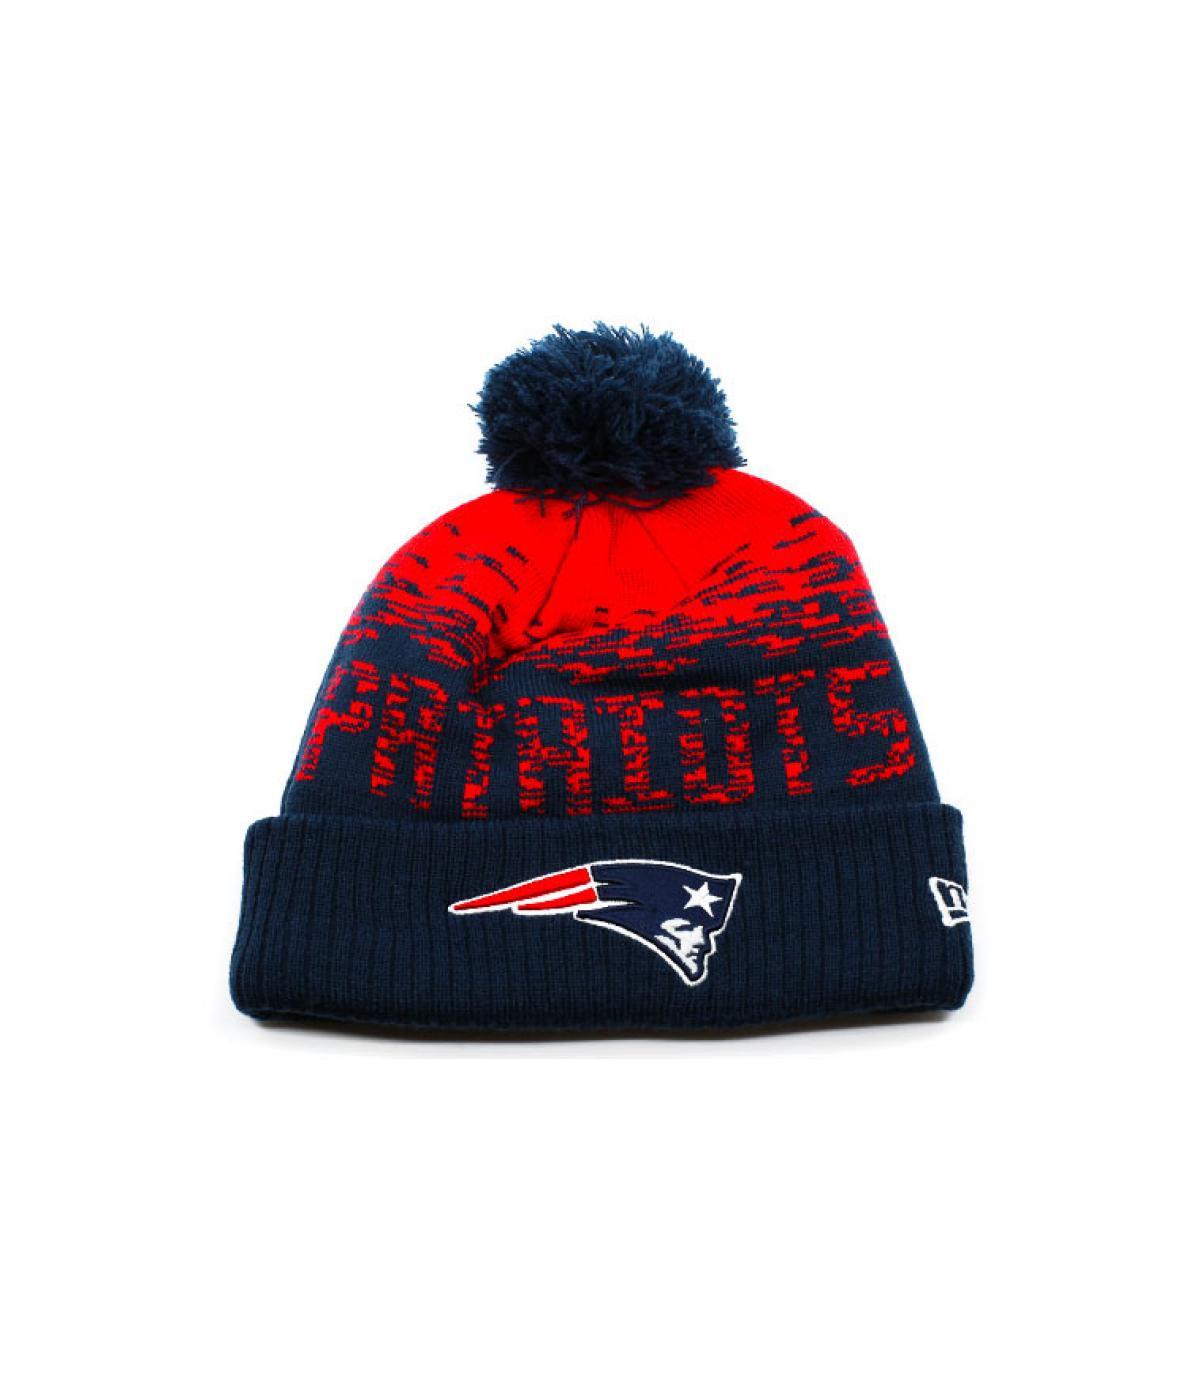 Détails Bonnet MLB Sport Knit Patriots - image 2